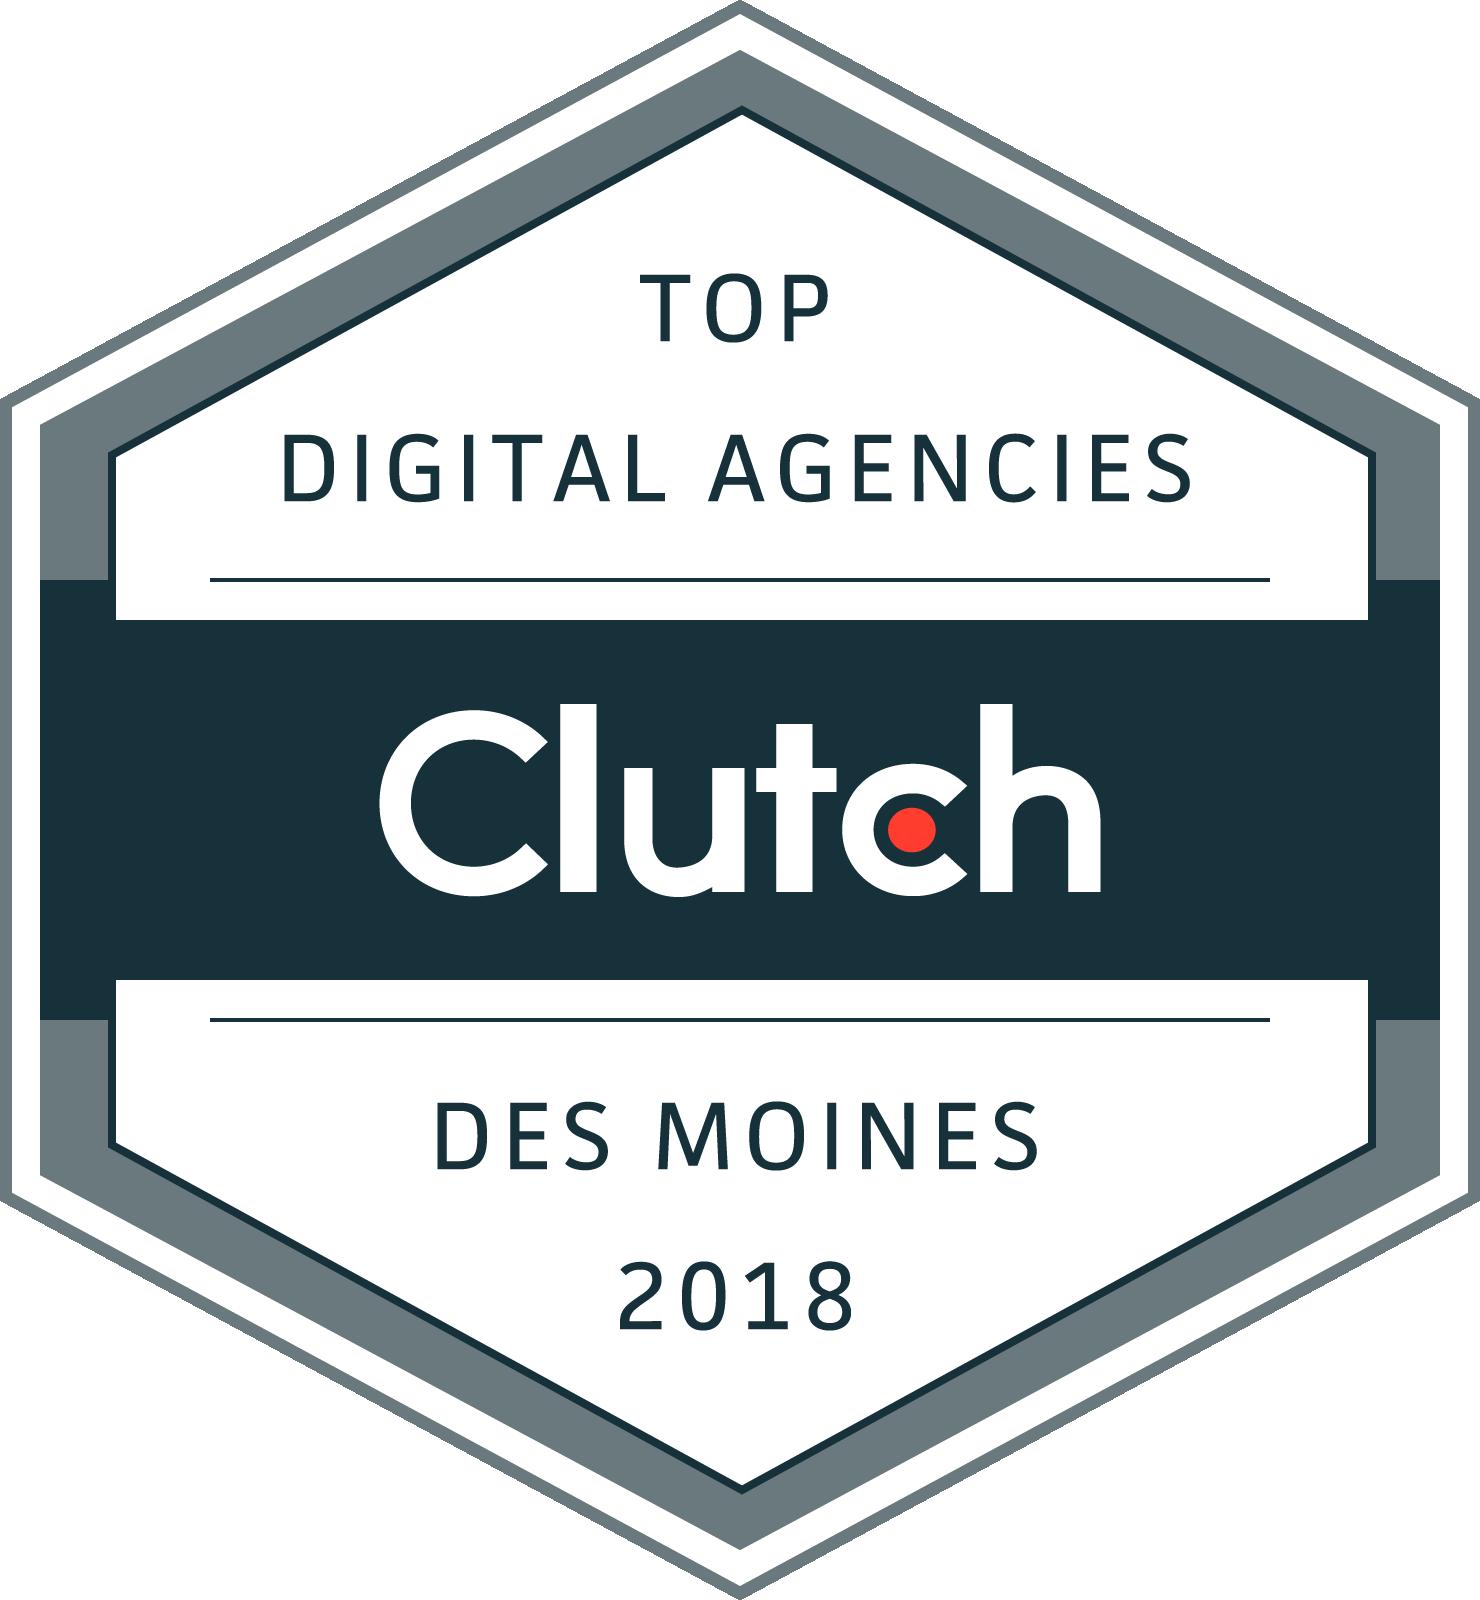 Top Digital Agencies in Des Moines